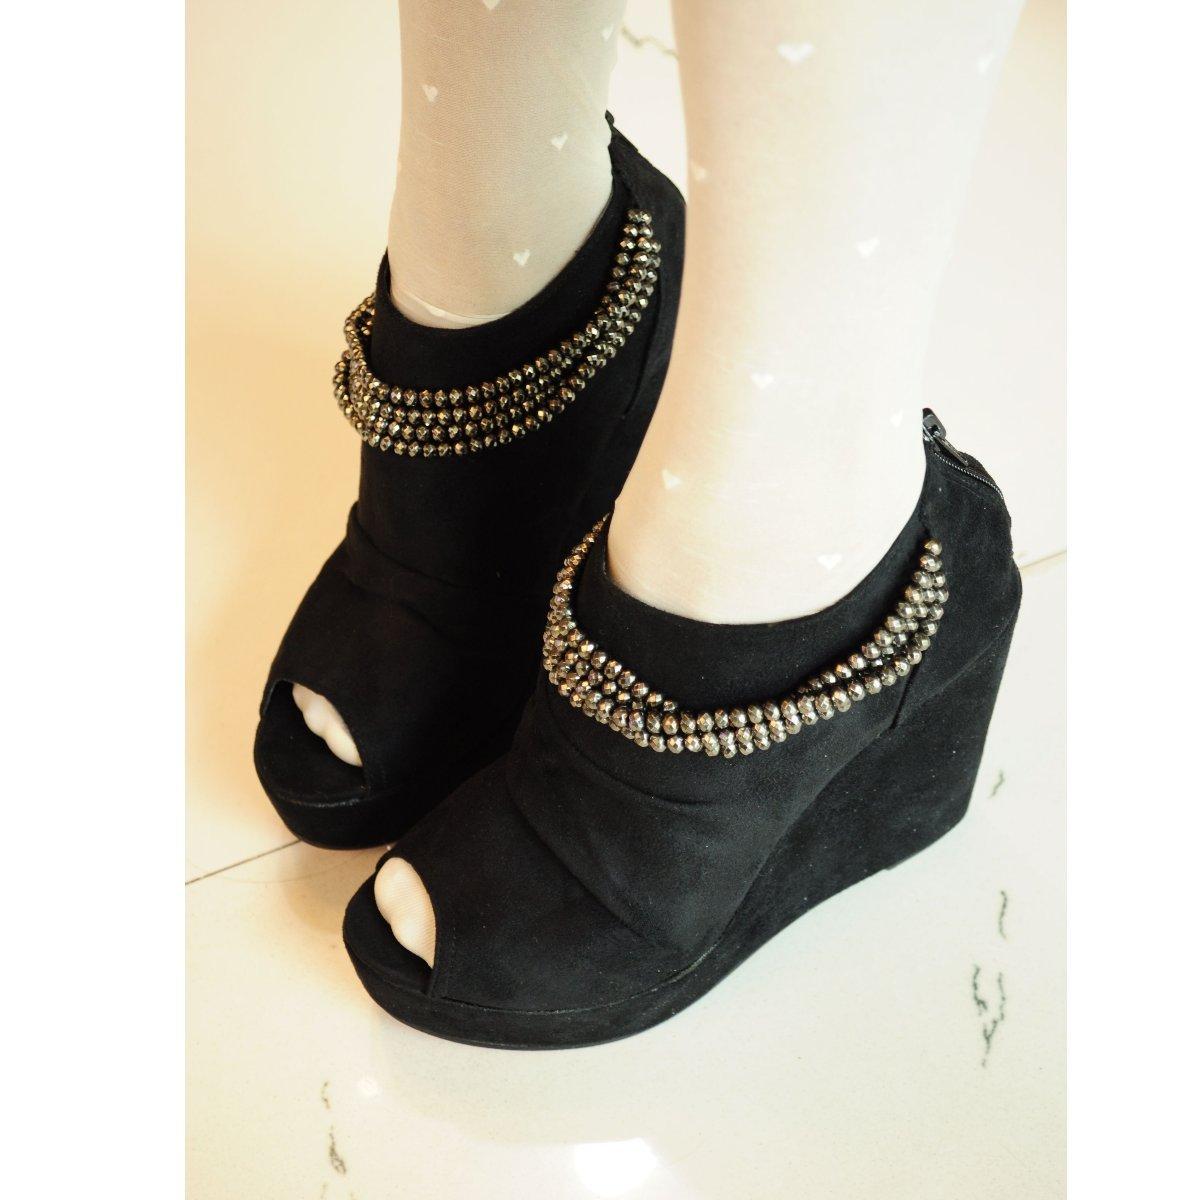 Круглый носок Танкетка Молния На высоком каблуке (6- 8 см) Клееная обувь С цепочкой, Танкетка Однотонный цвет